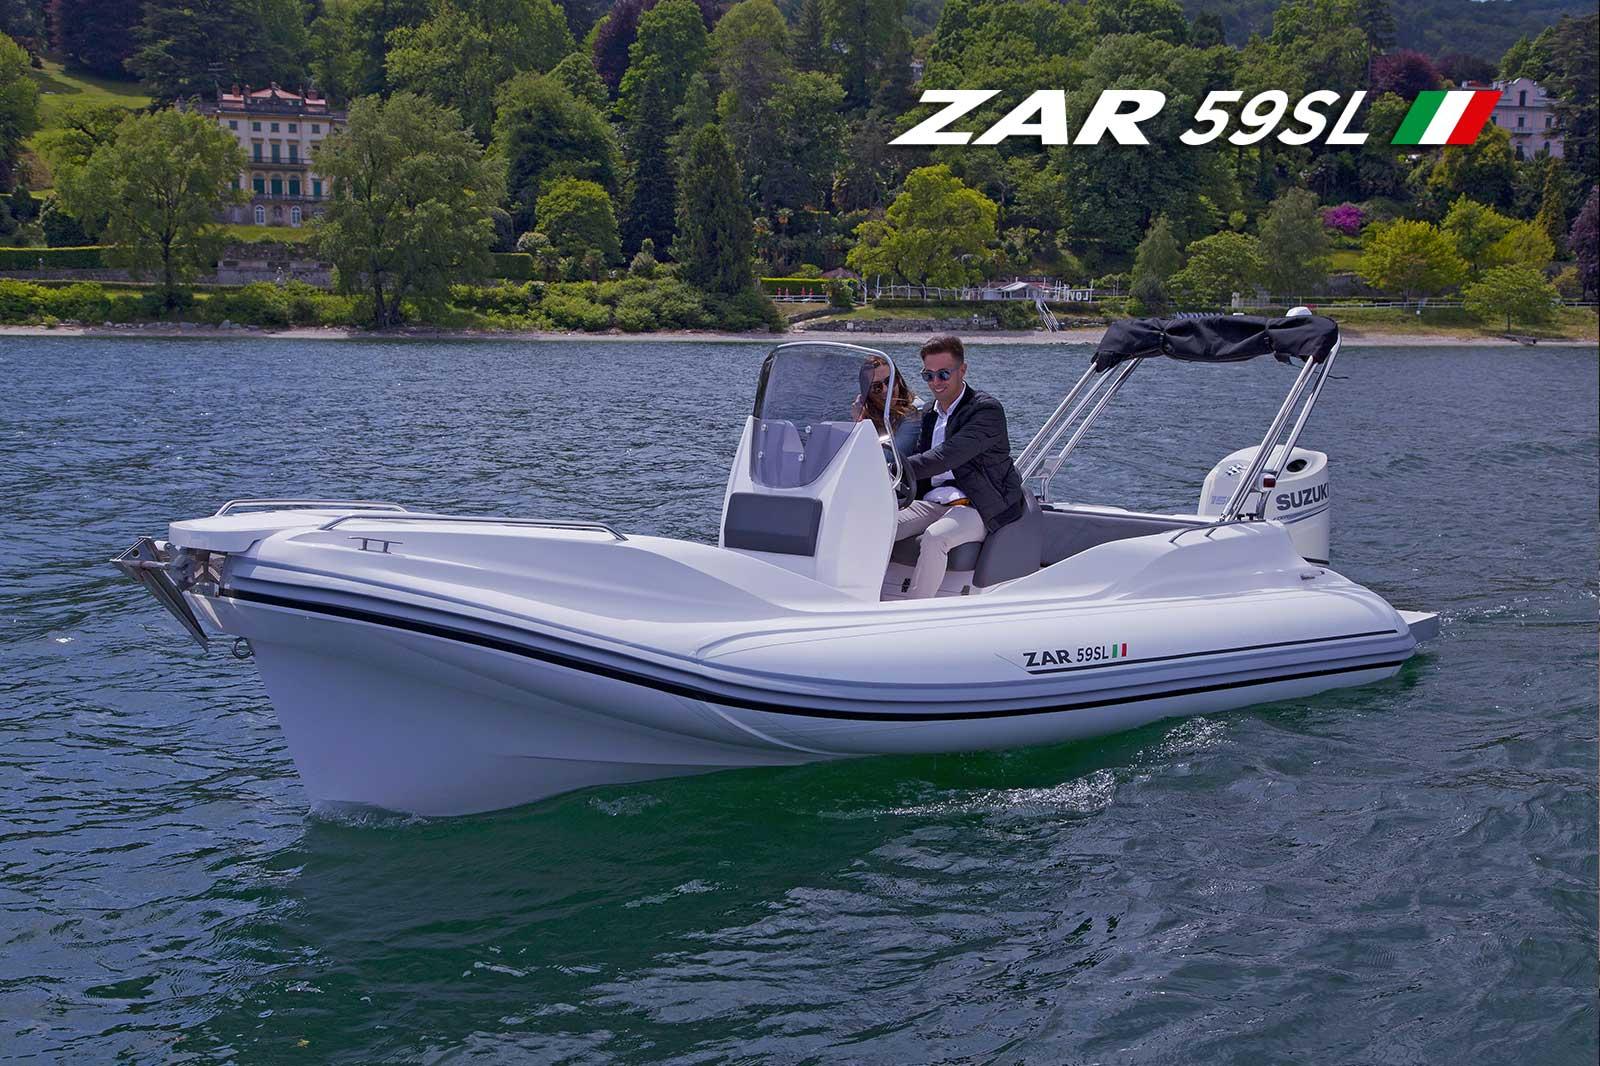 Zar59 7